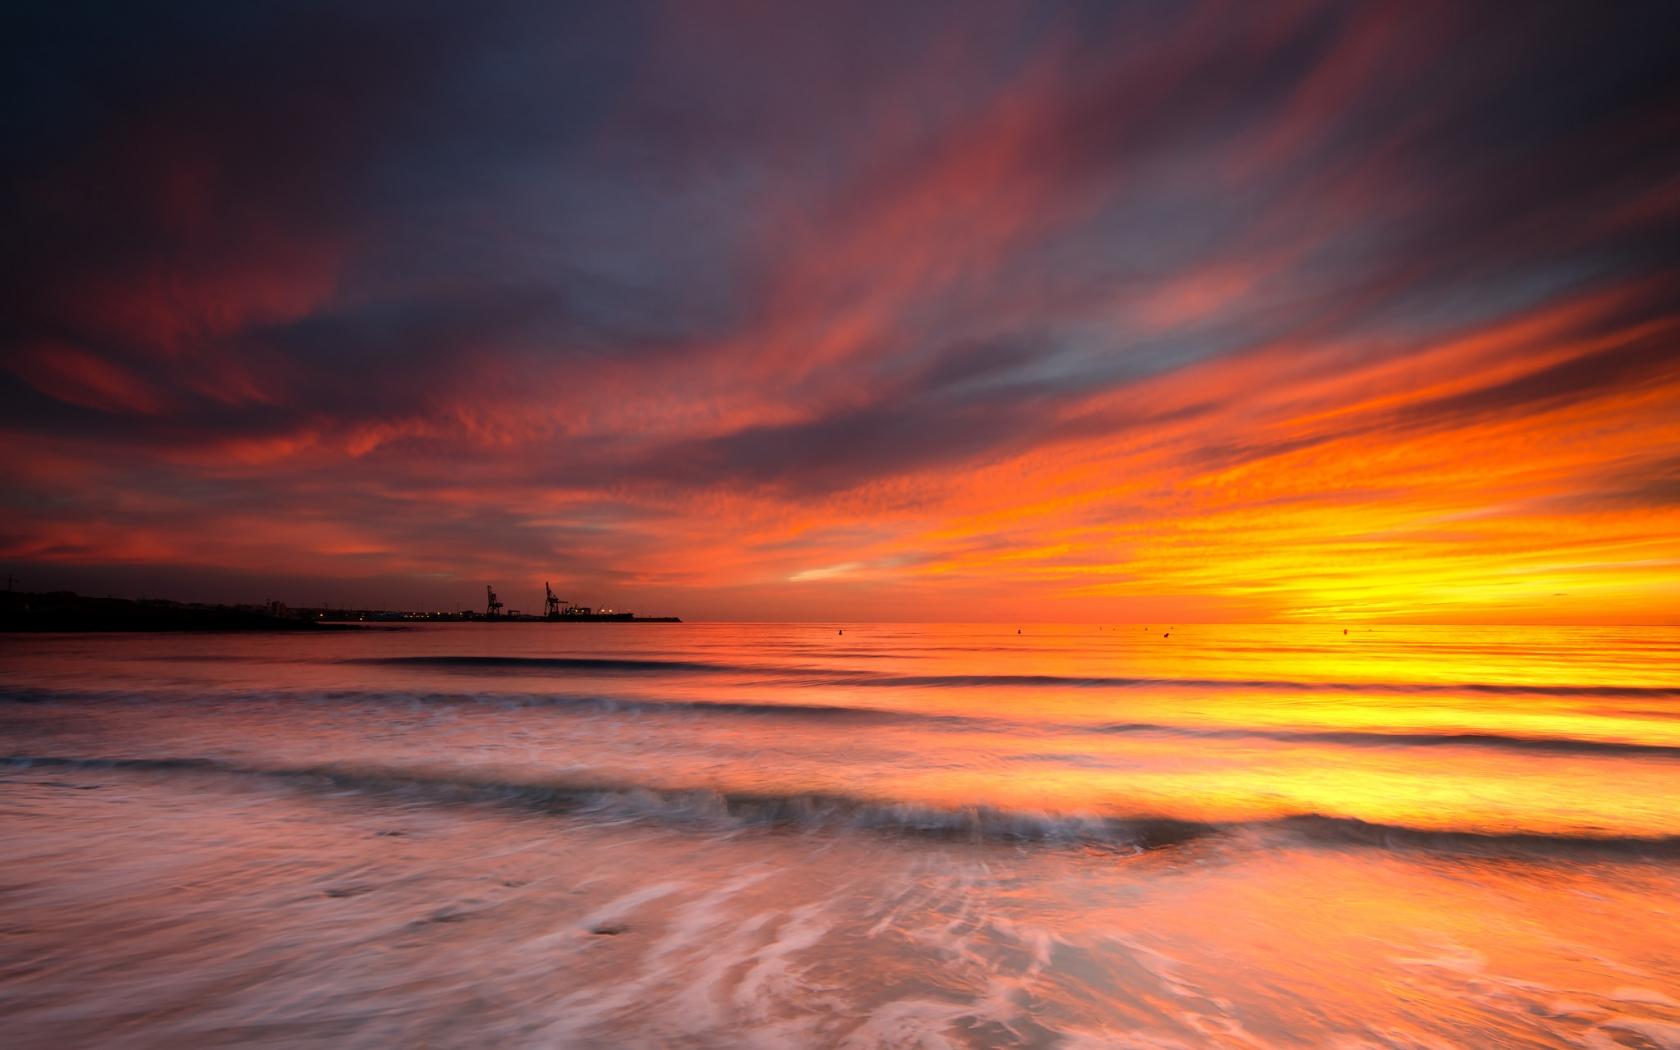 Cielo naranja en el mar - 1680x1050